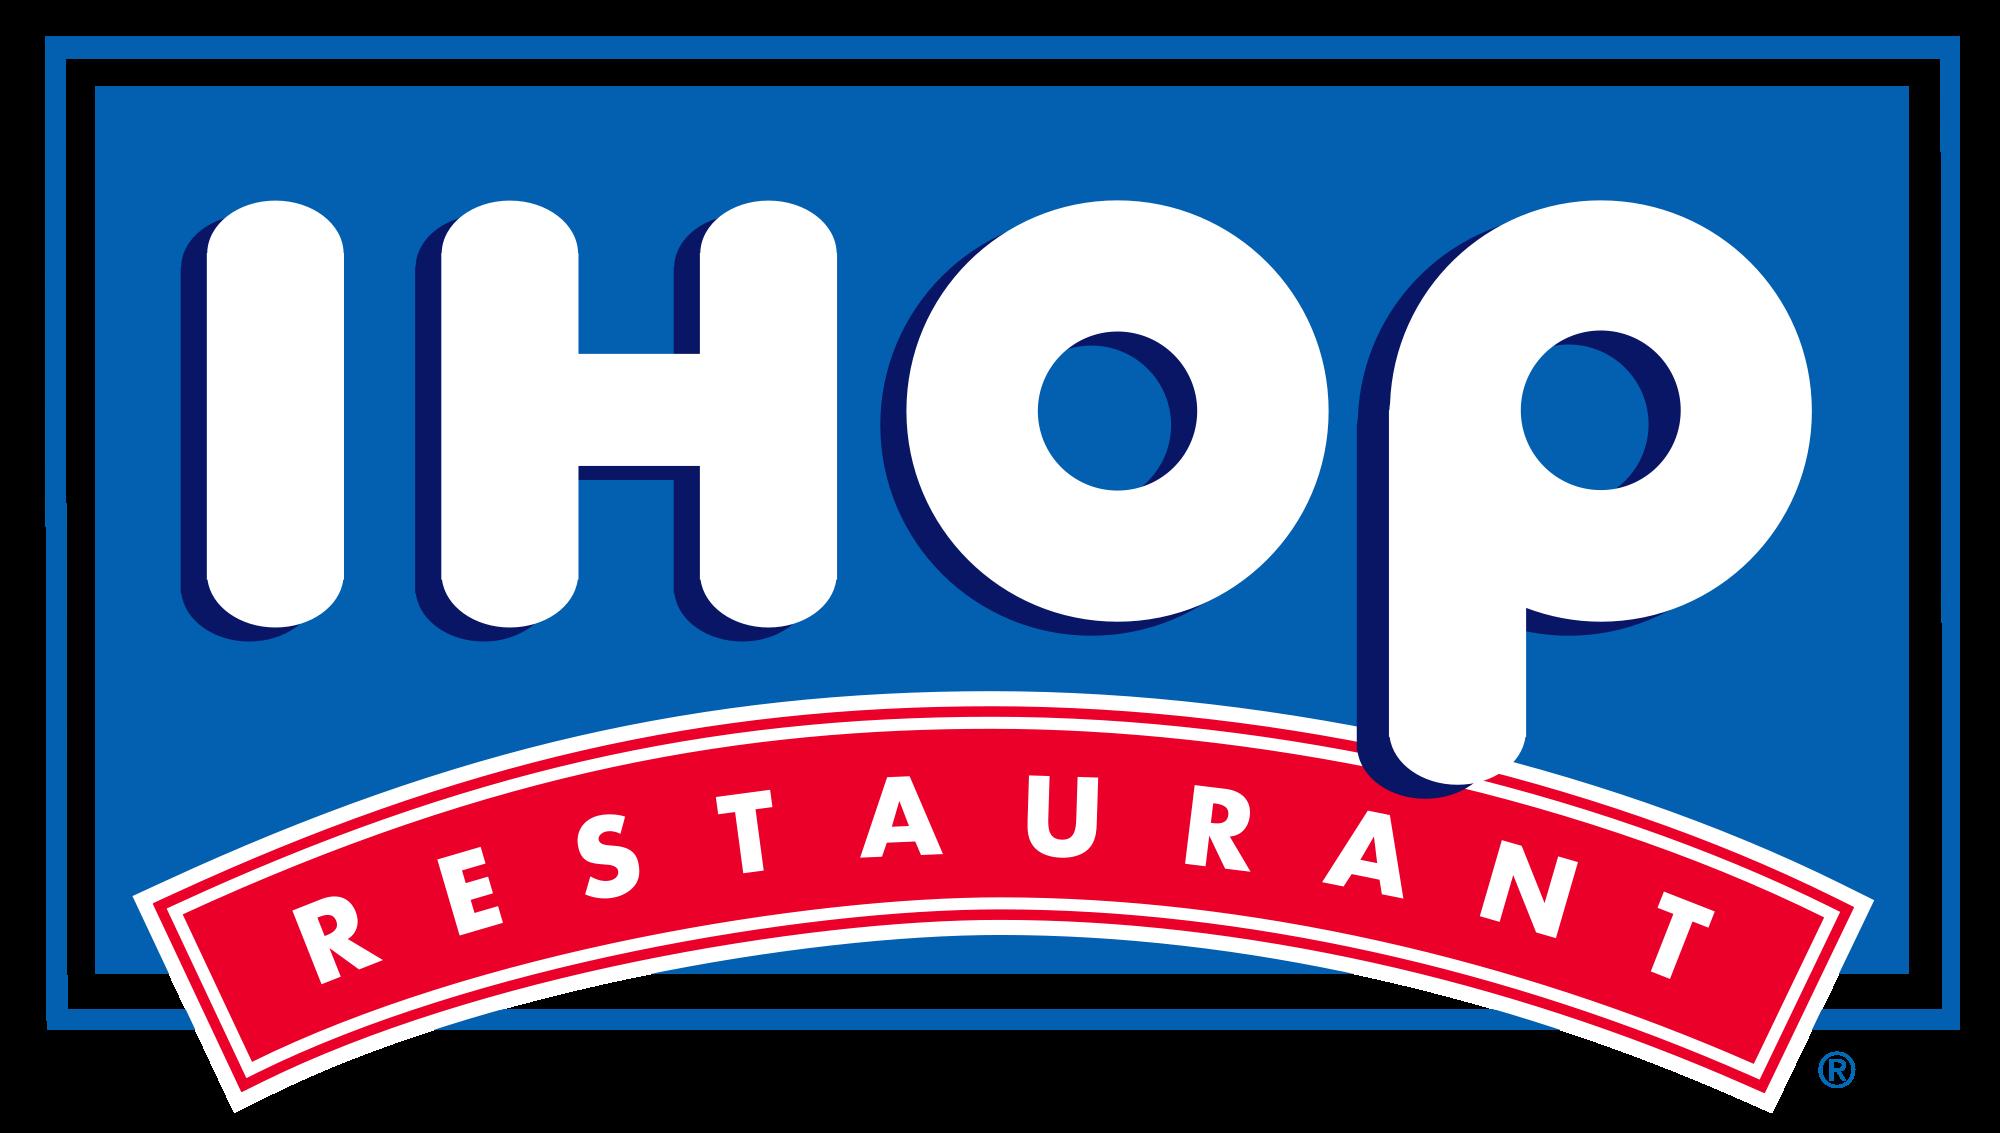 Free Pancakes At IHOP on 2/25! Ihop restaurants